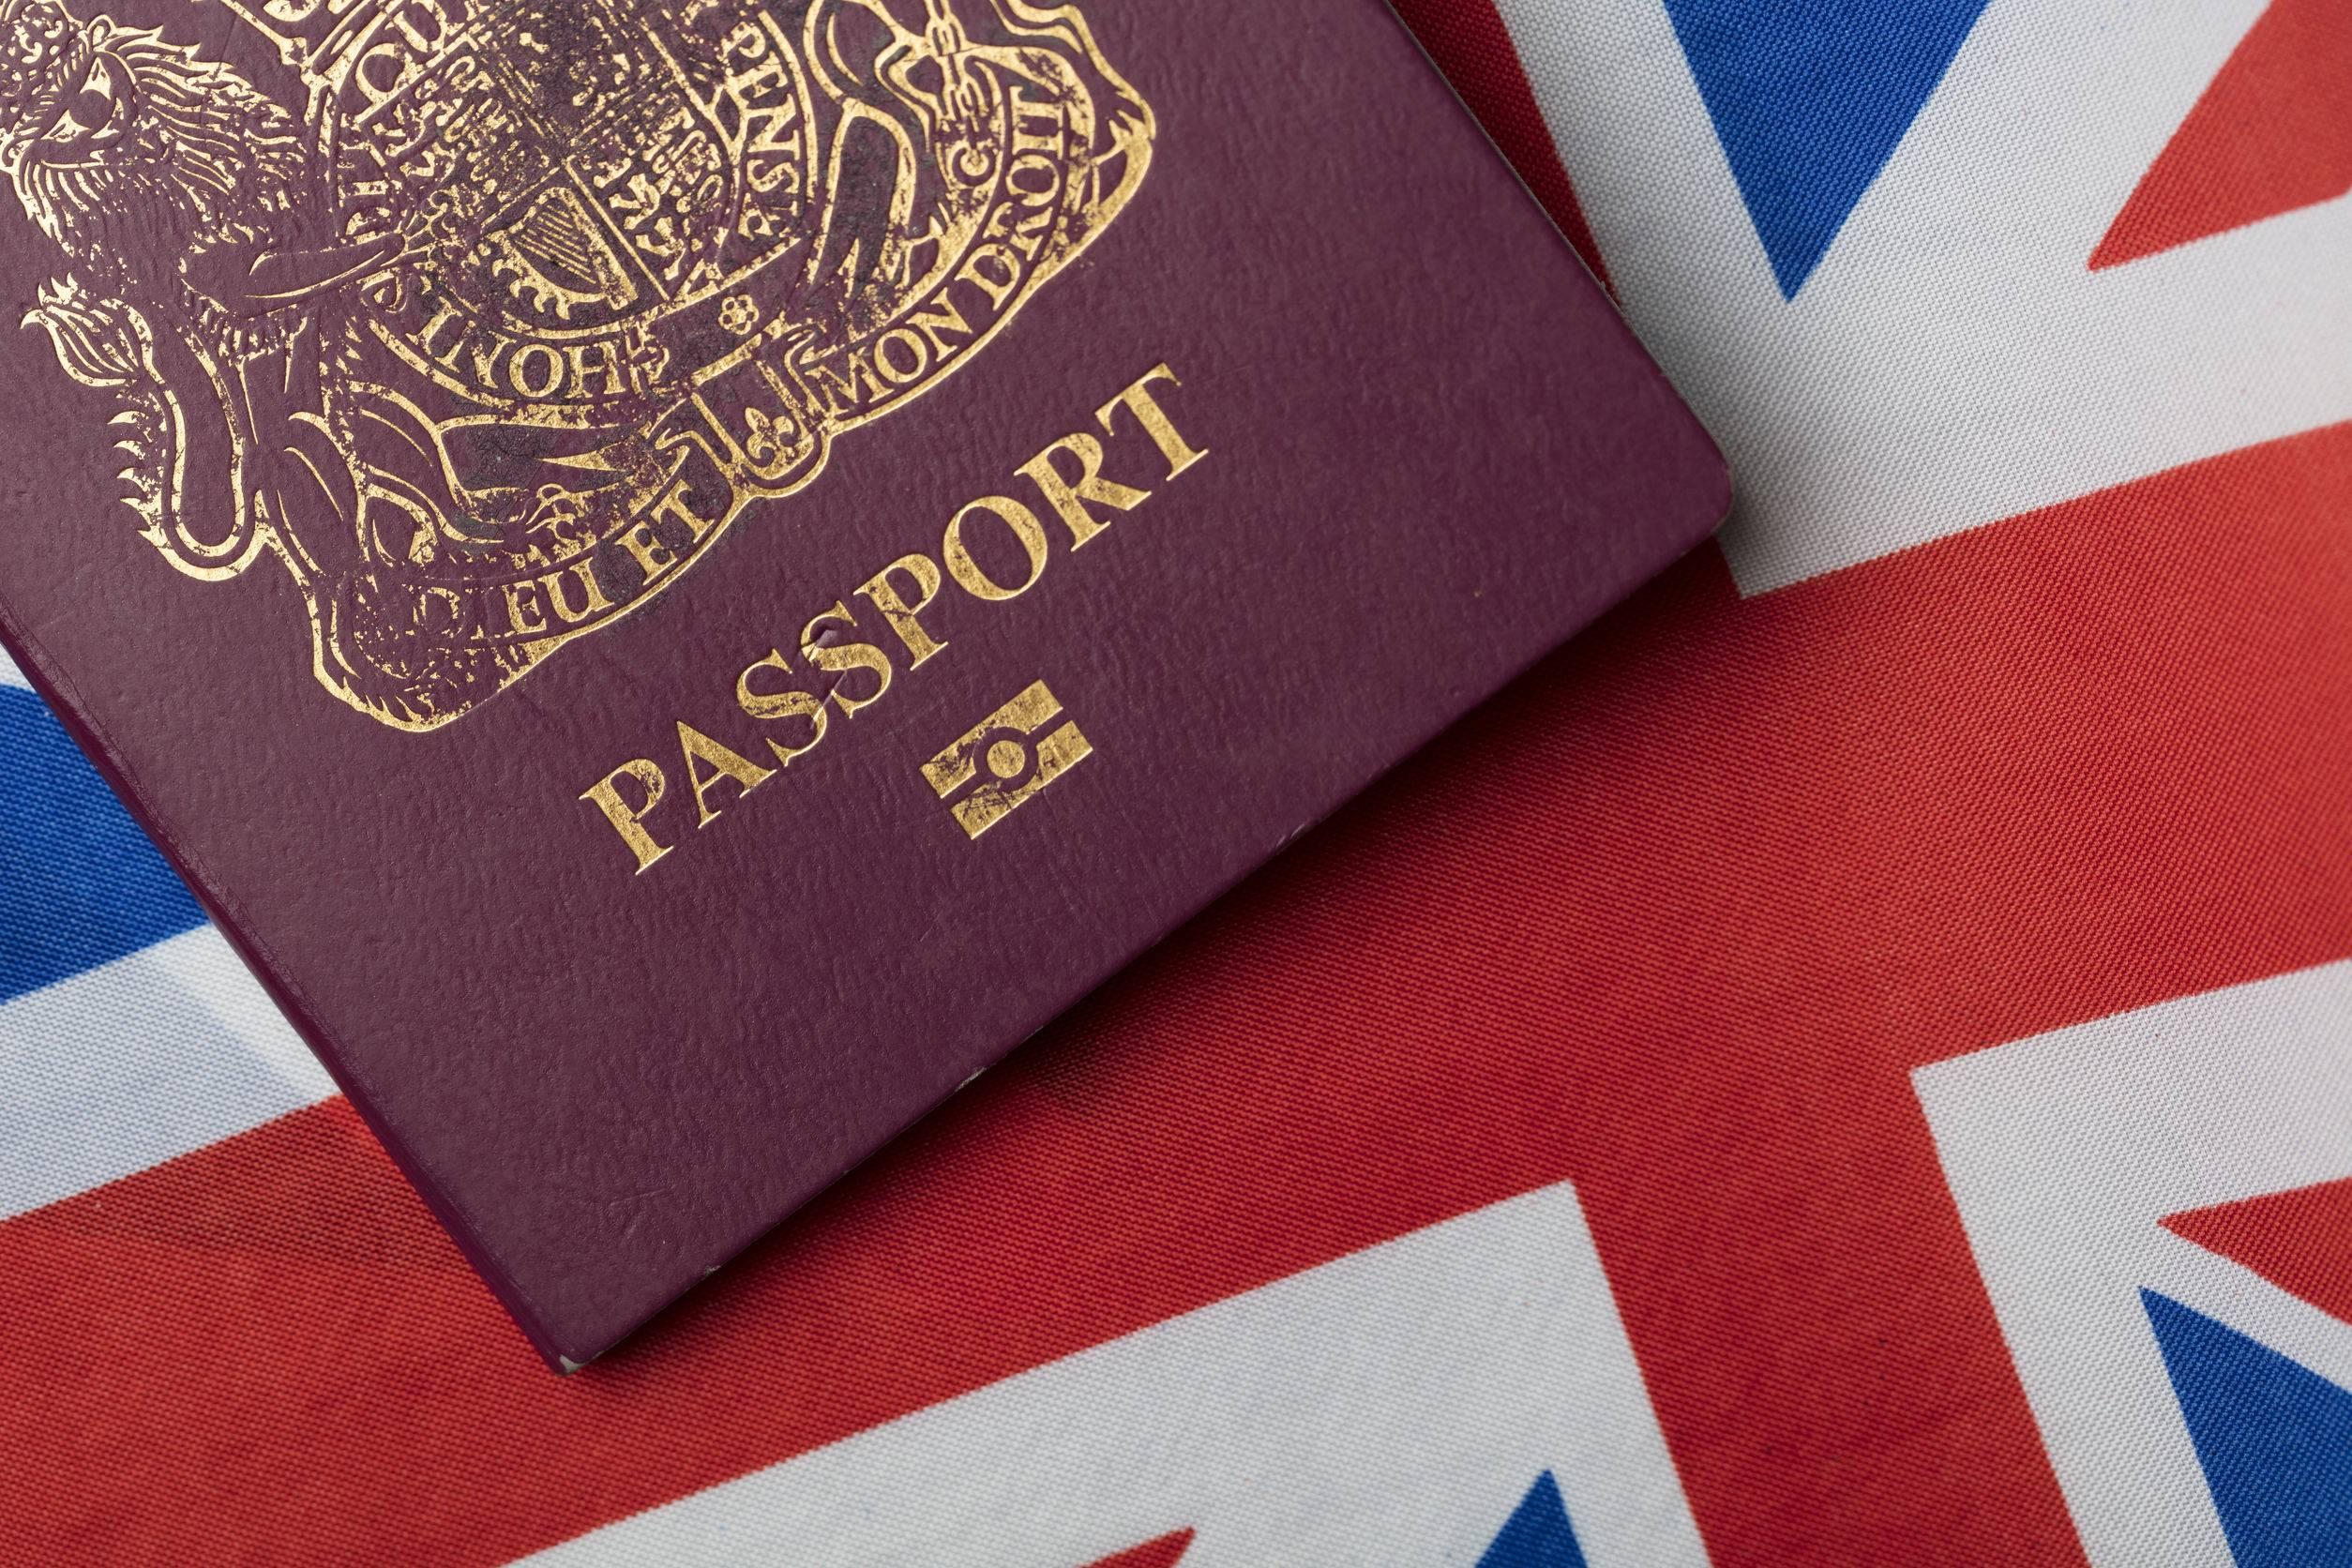 Виза в великобританию | правила въезда в англию и возможные вопросы на границе